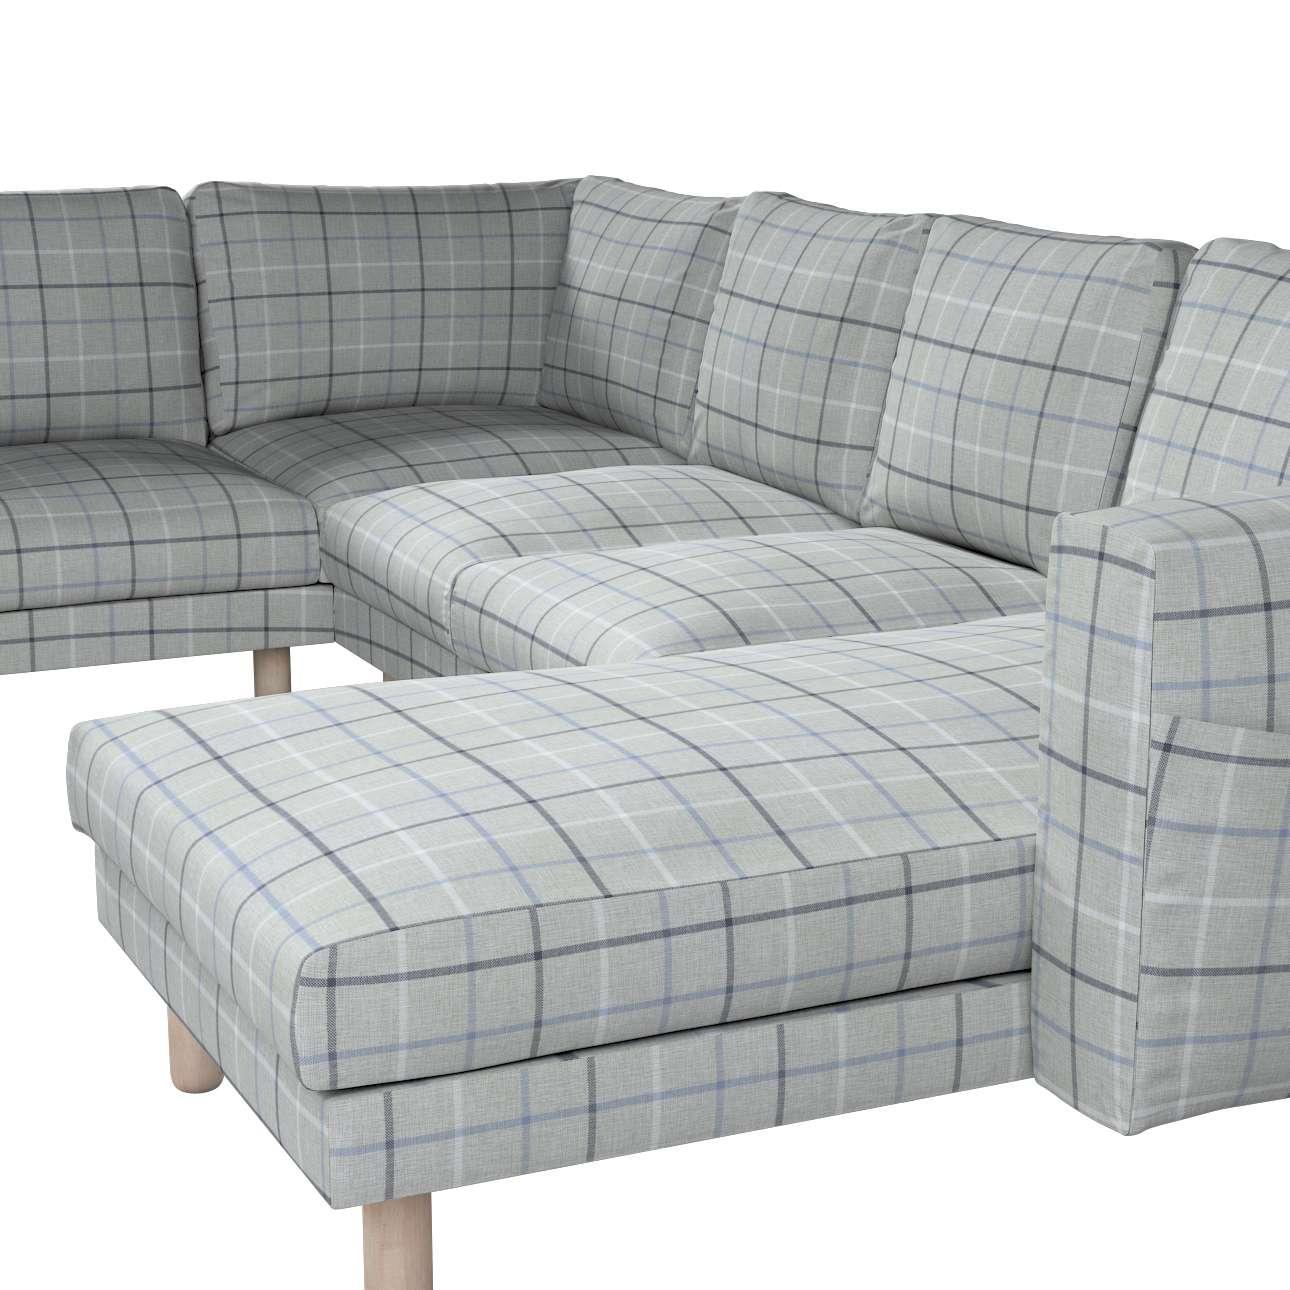 Pokrowiec na sofę narożną Norsborg 5-osobową z szezlongiem w kolekcji Edinburgh, tkanina: 703-18